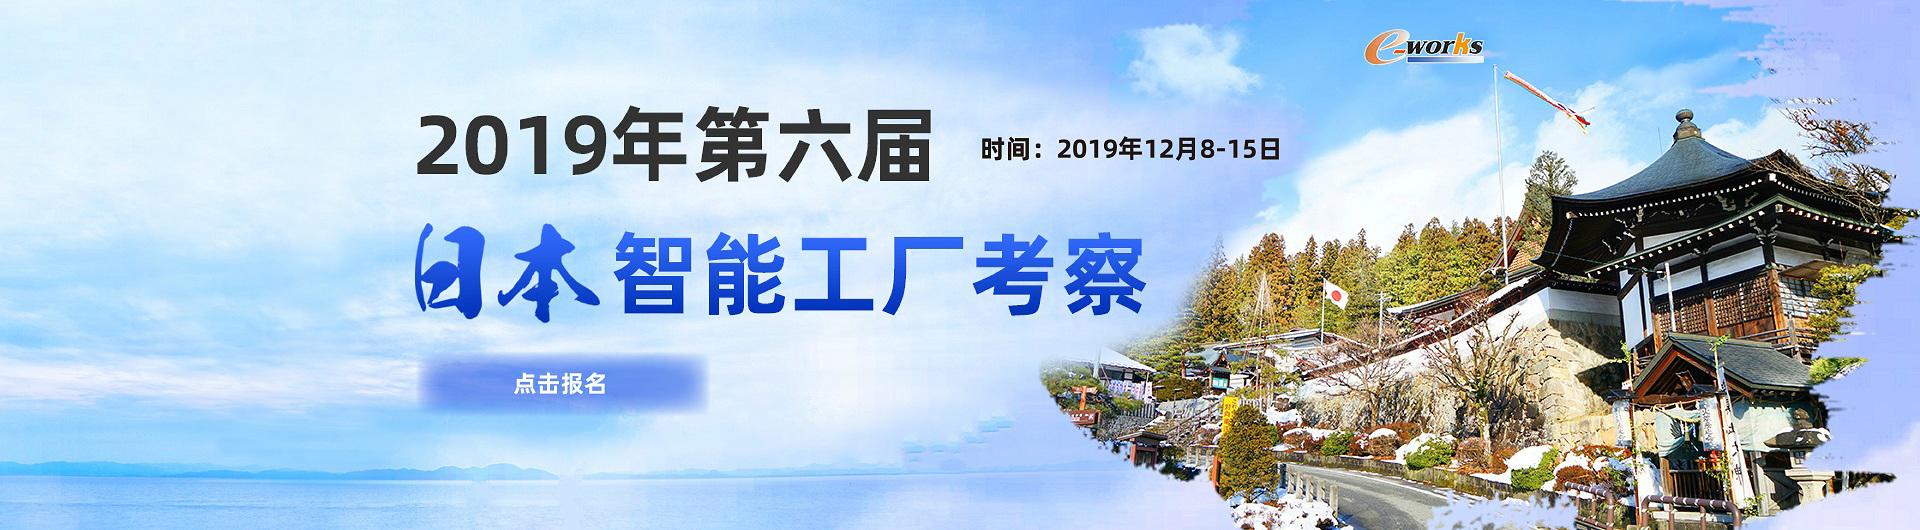 DFS-日本考察團